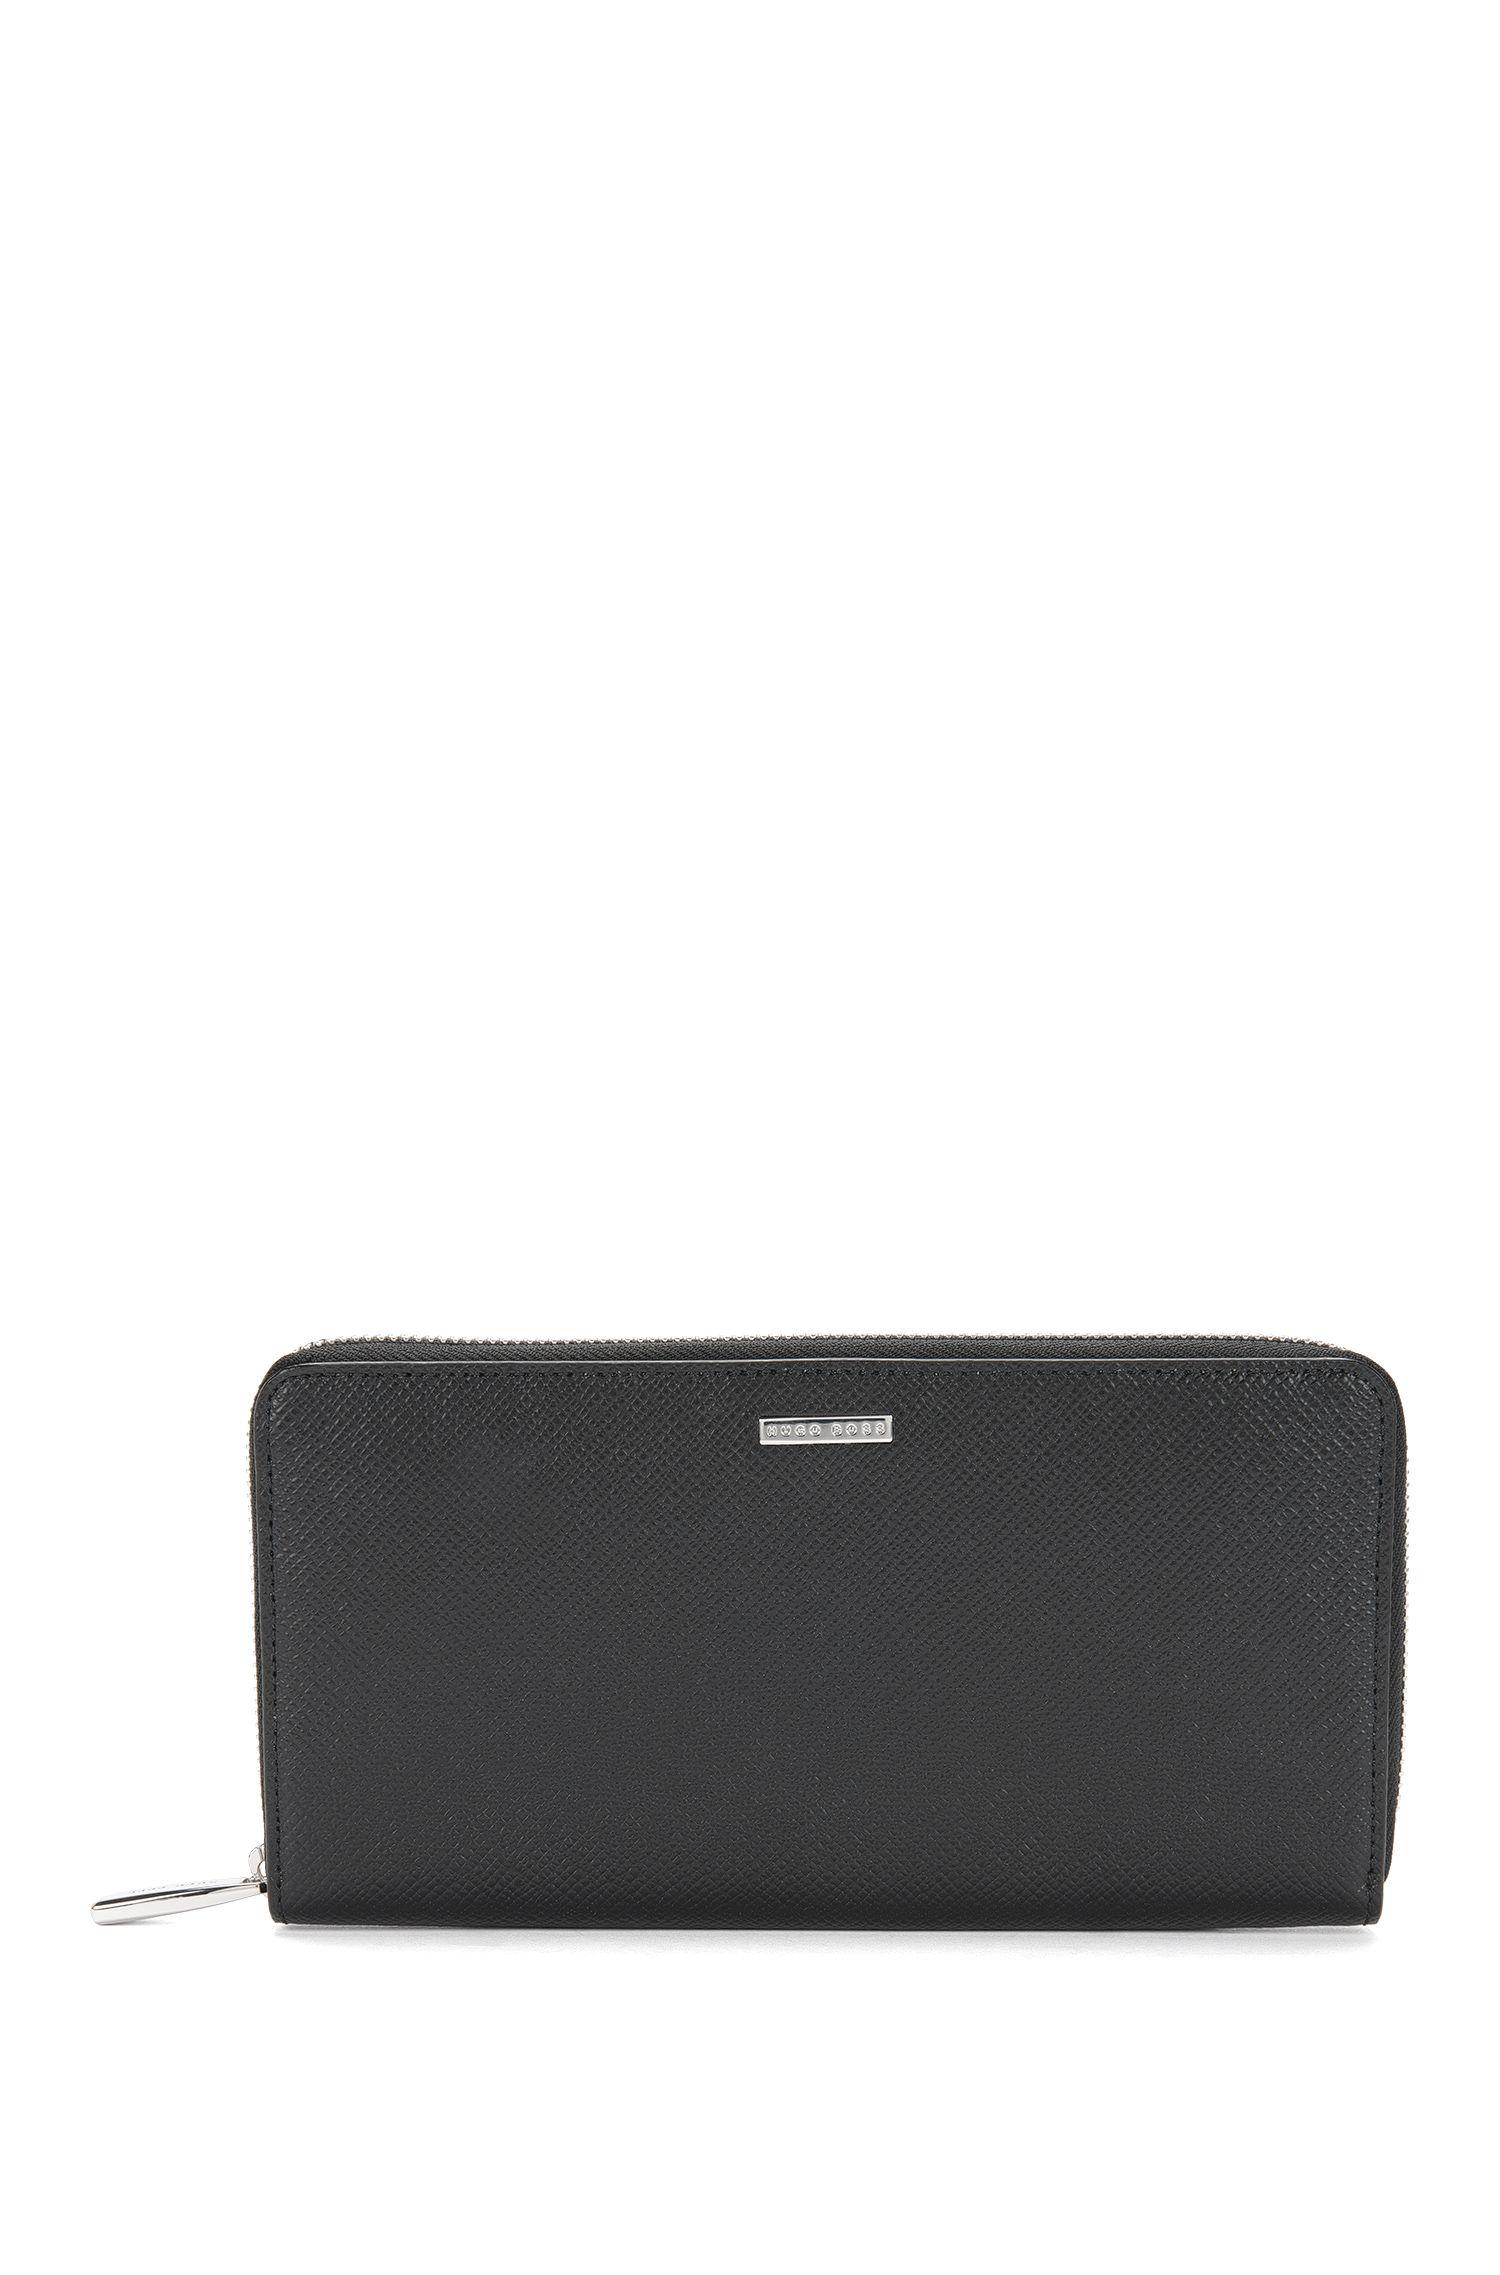 Embossed Leather Wallet | Signature S Zip Trav